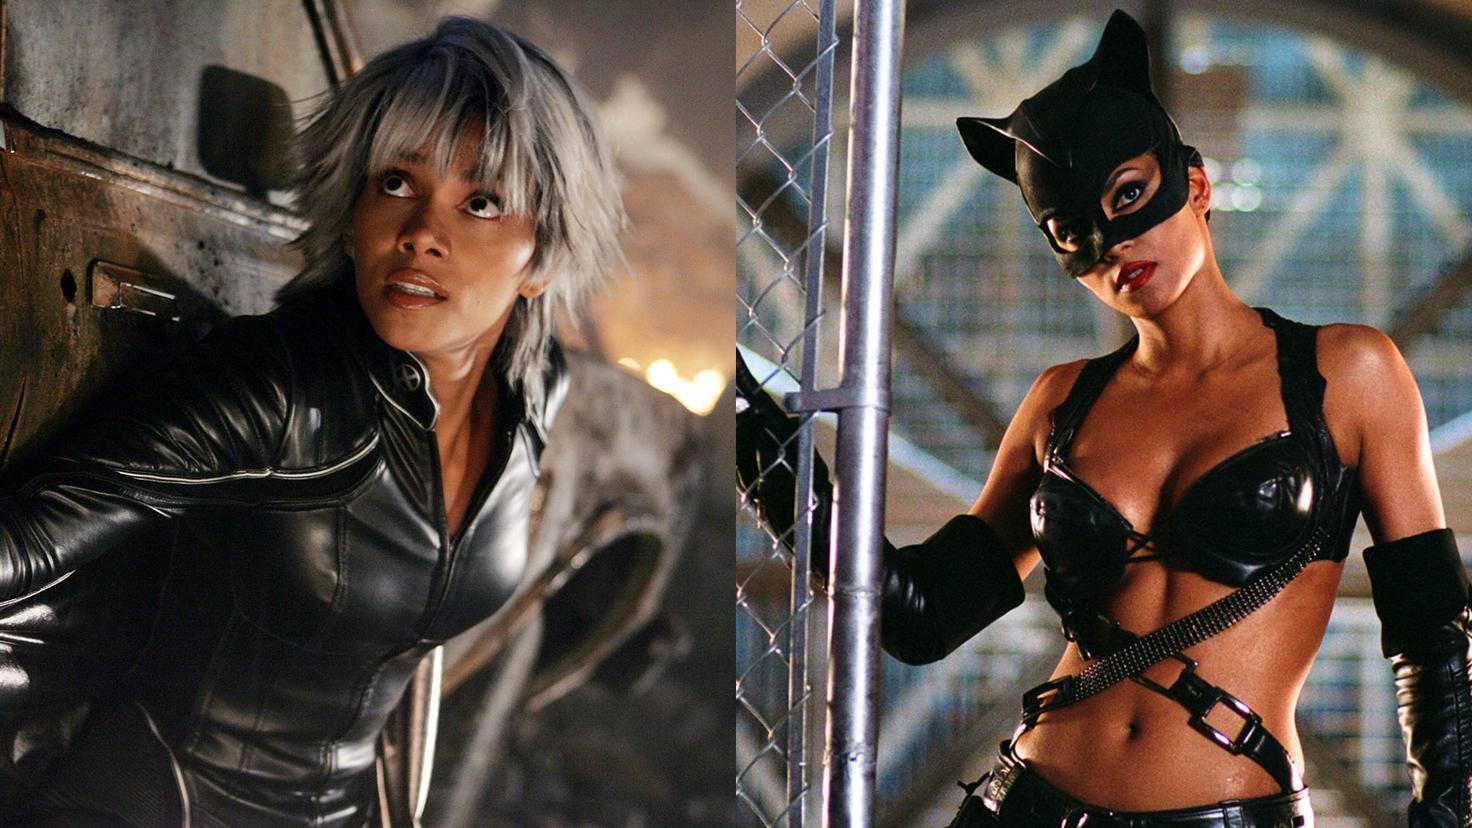 Halle Berry scheint auf Superheldinnen in schwarzem Leder zu stehen.